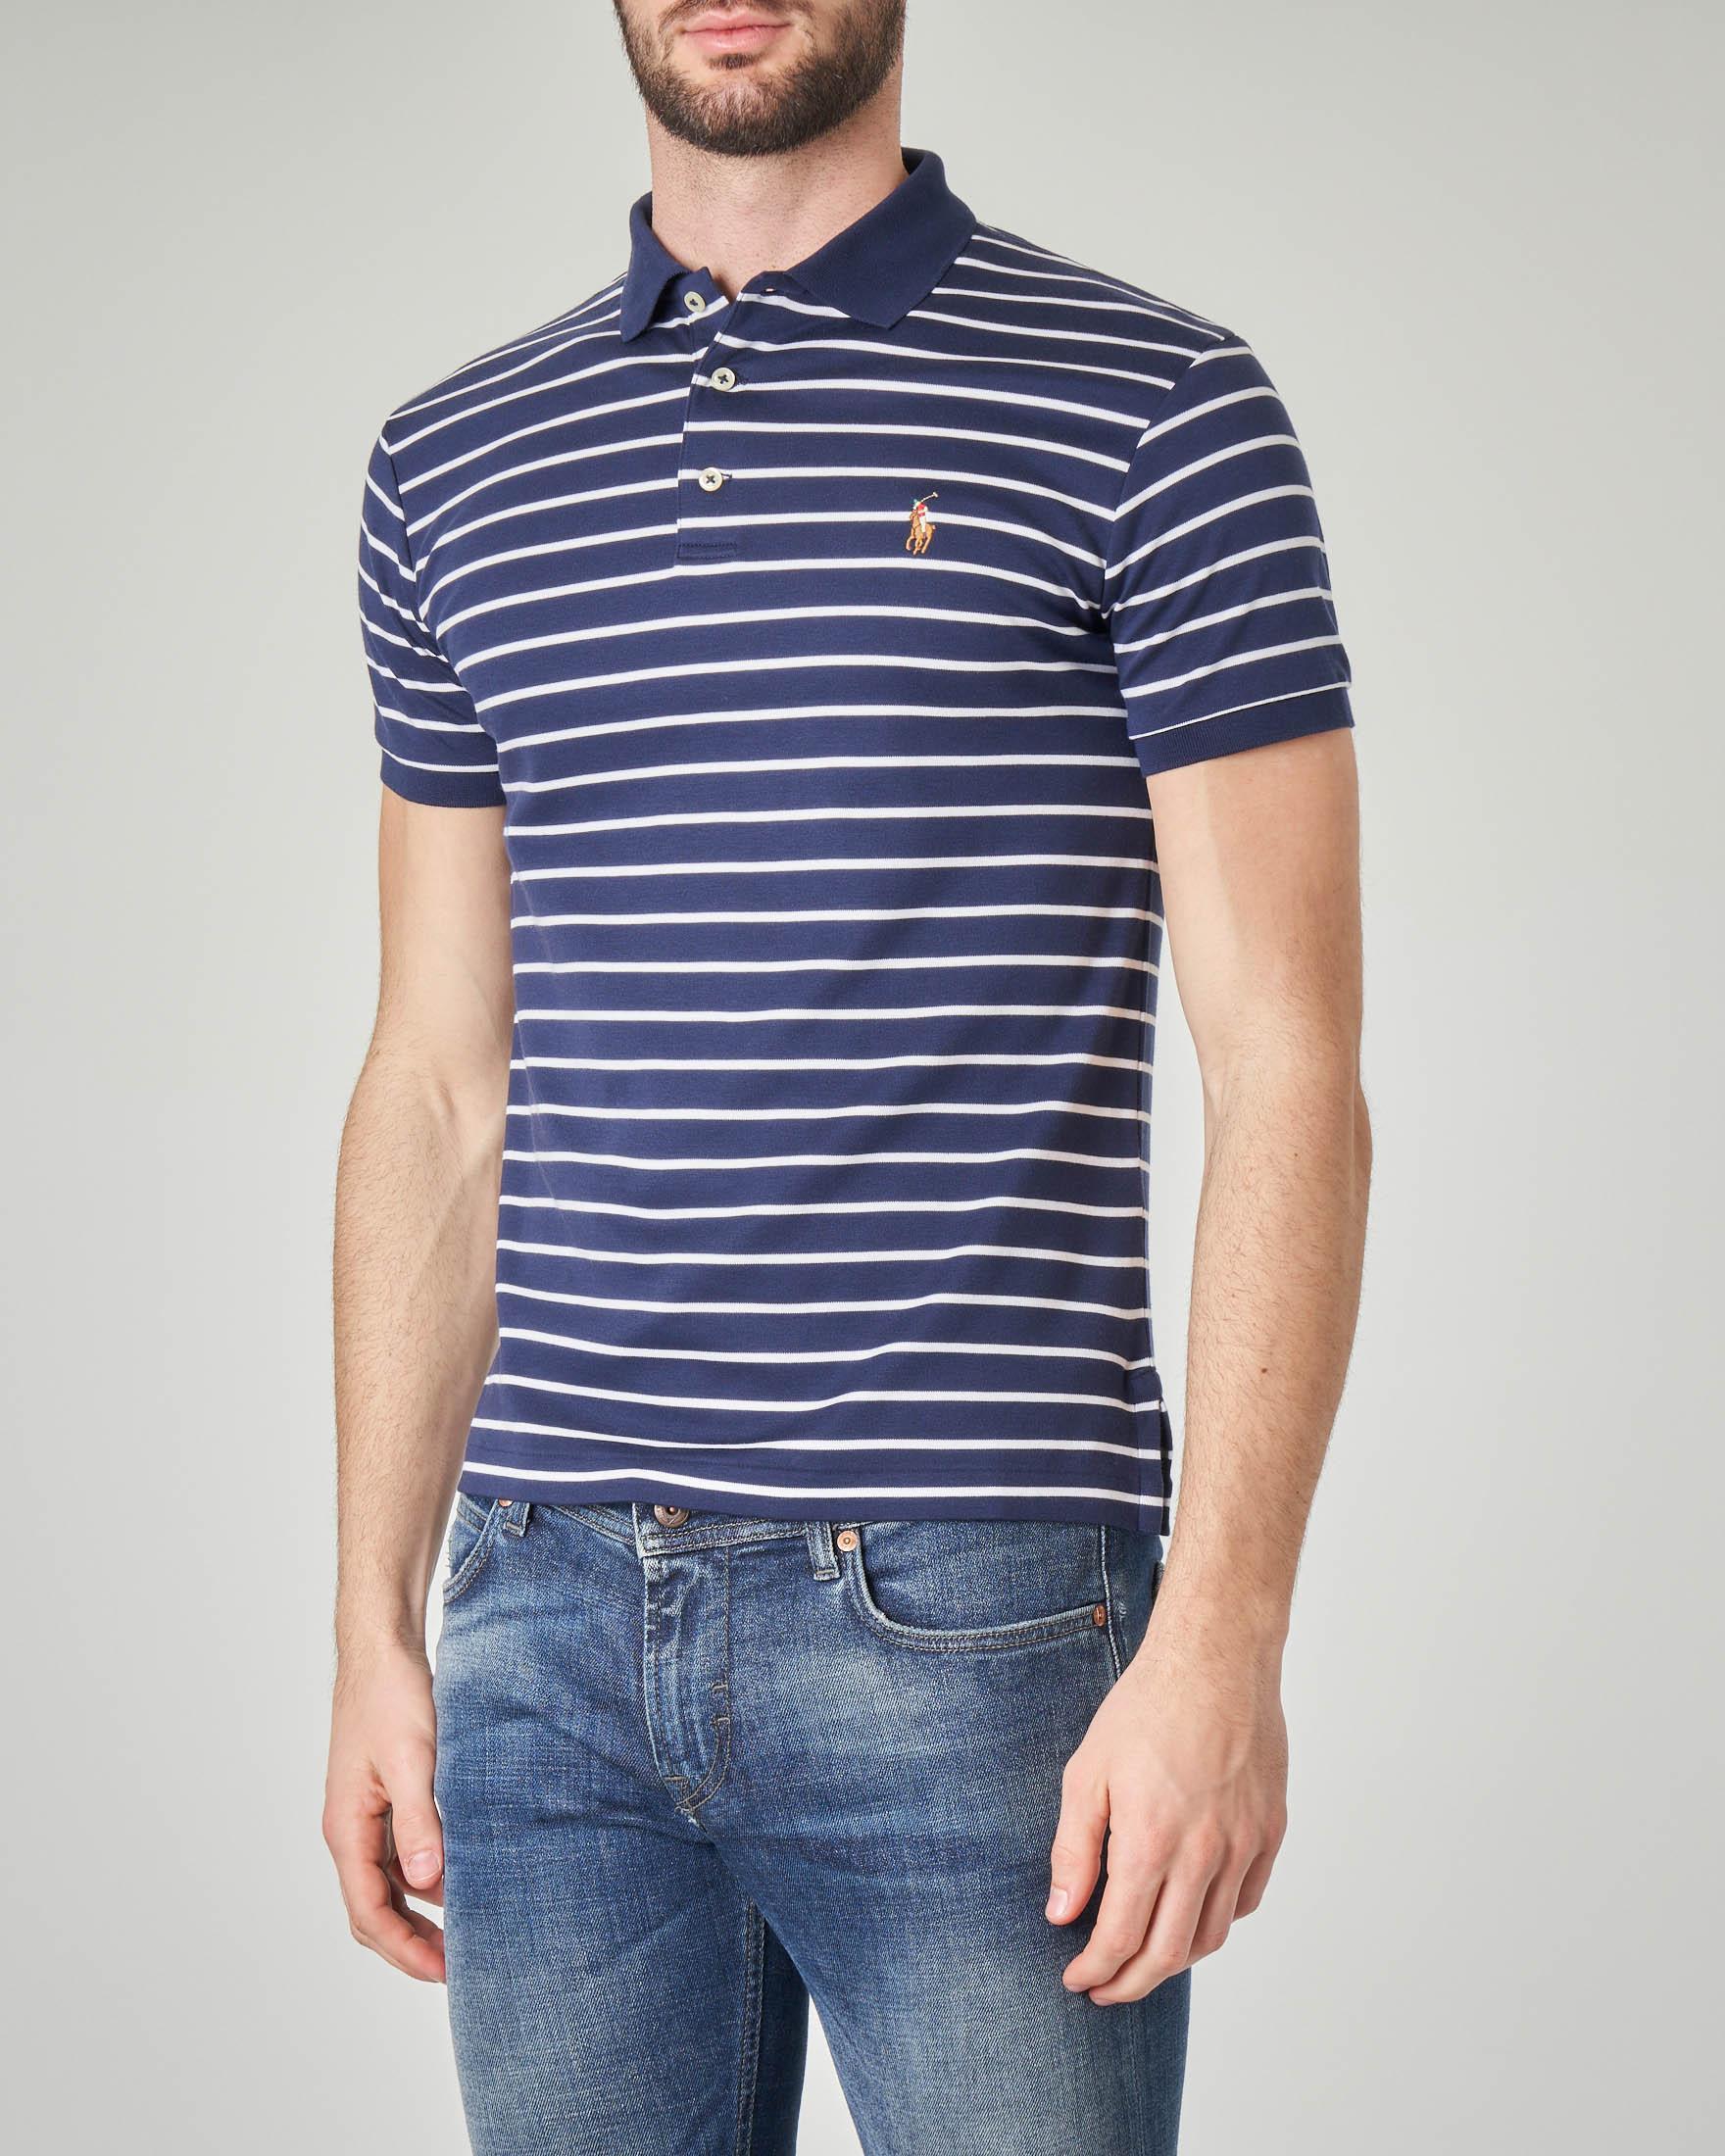 Polo blu a righe bianche orizzontali in pima cotton